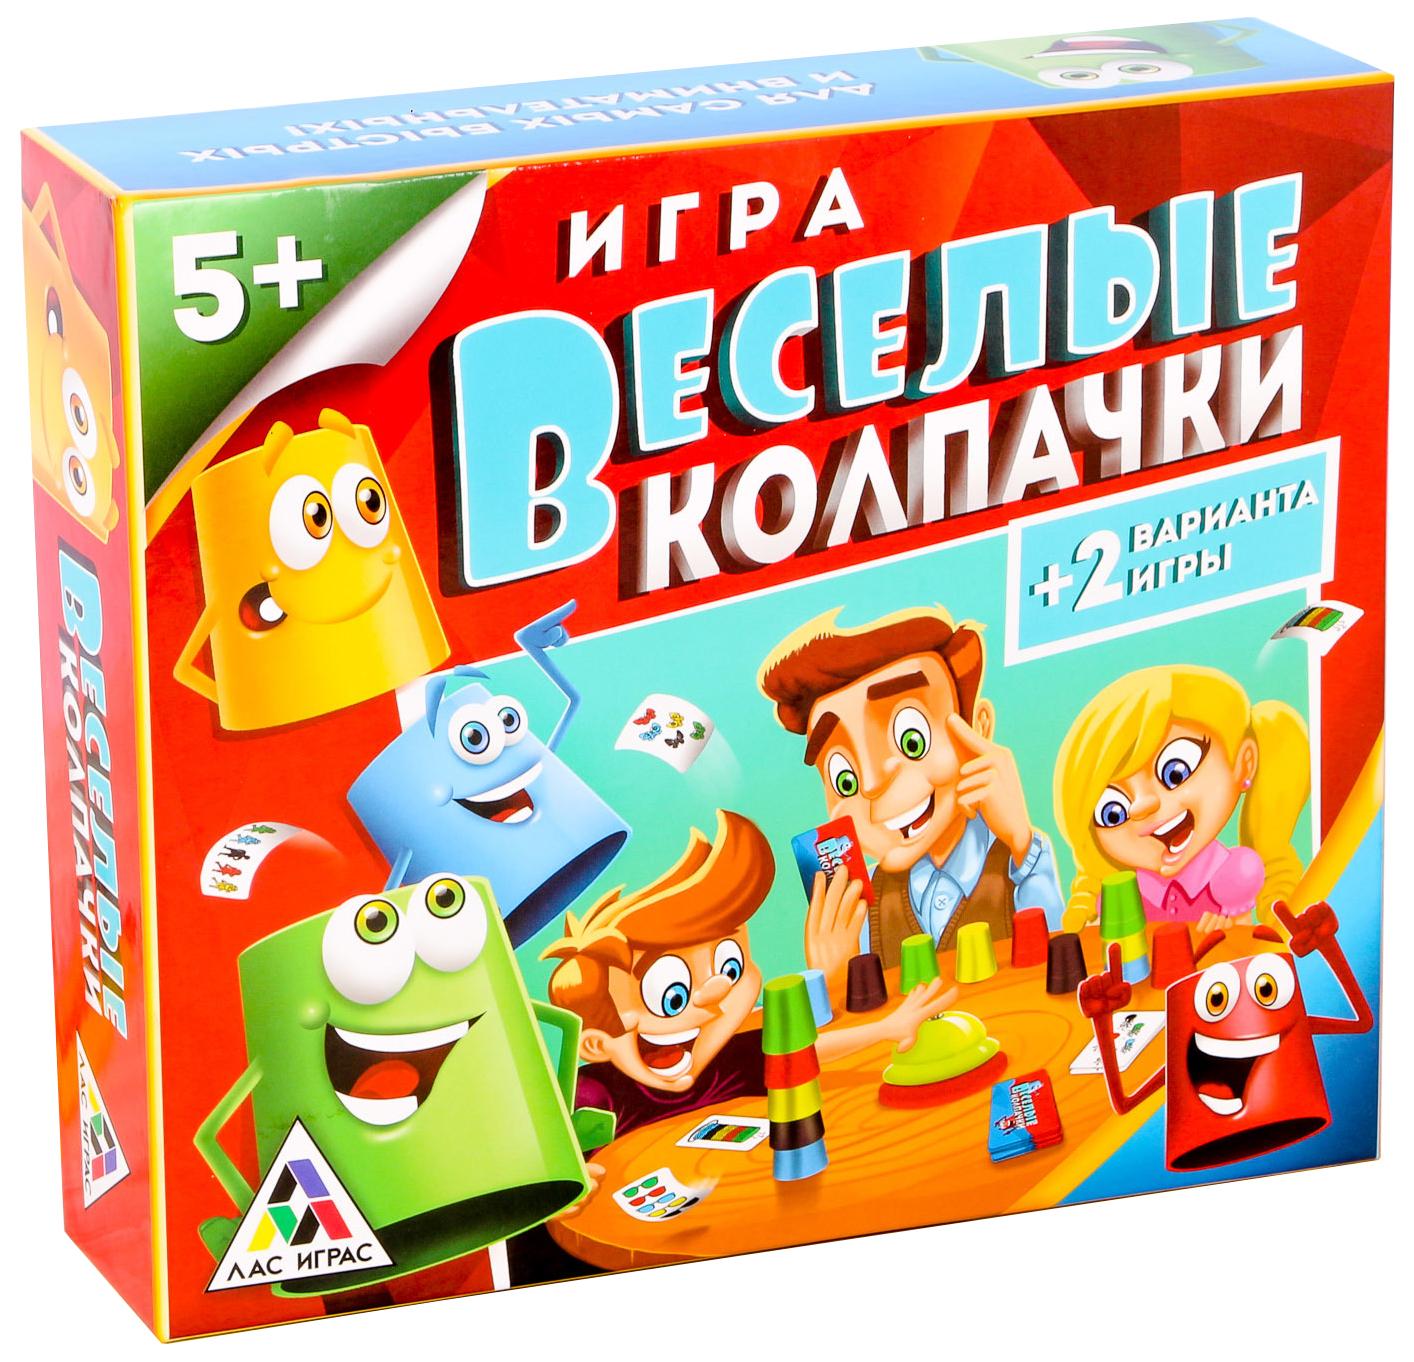 Настольная детская игра «Веселые колпачки» ЛАС ИГРАС